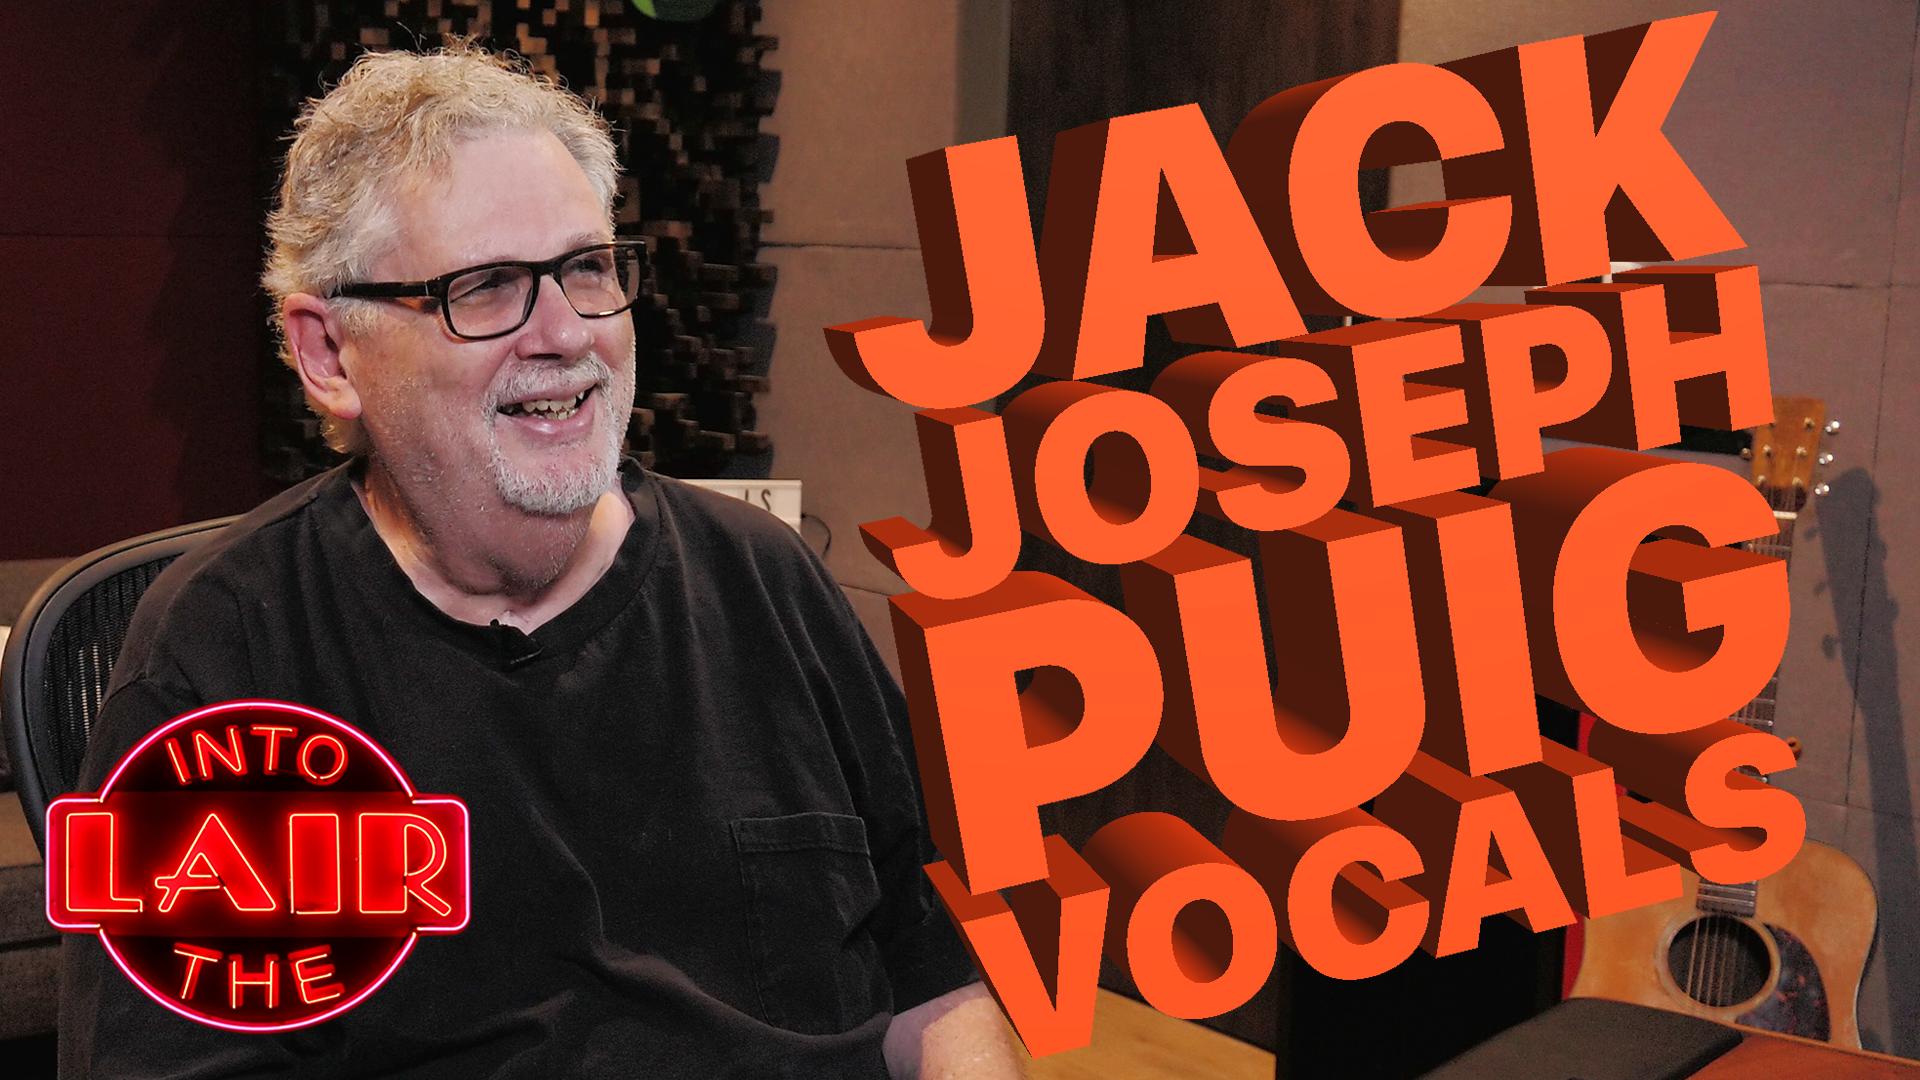 Jack Joseph Puig Vocals Plugin